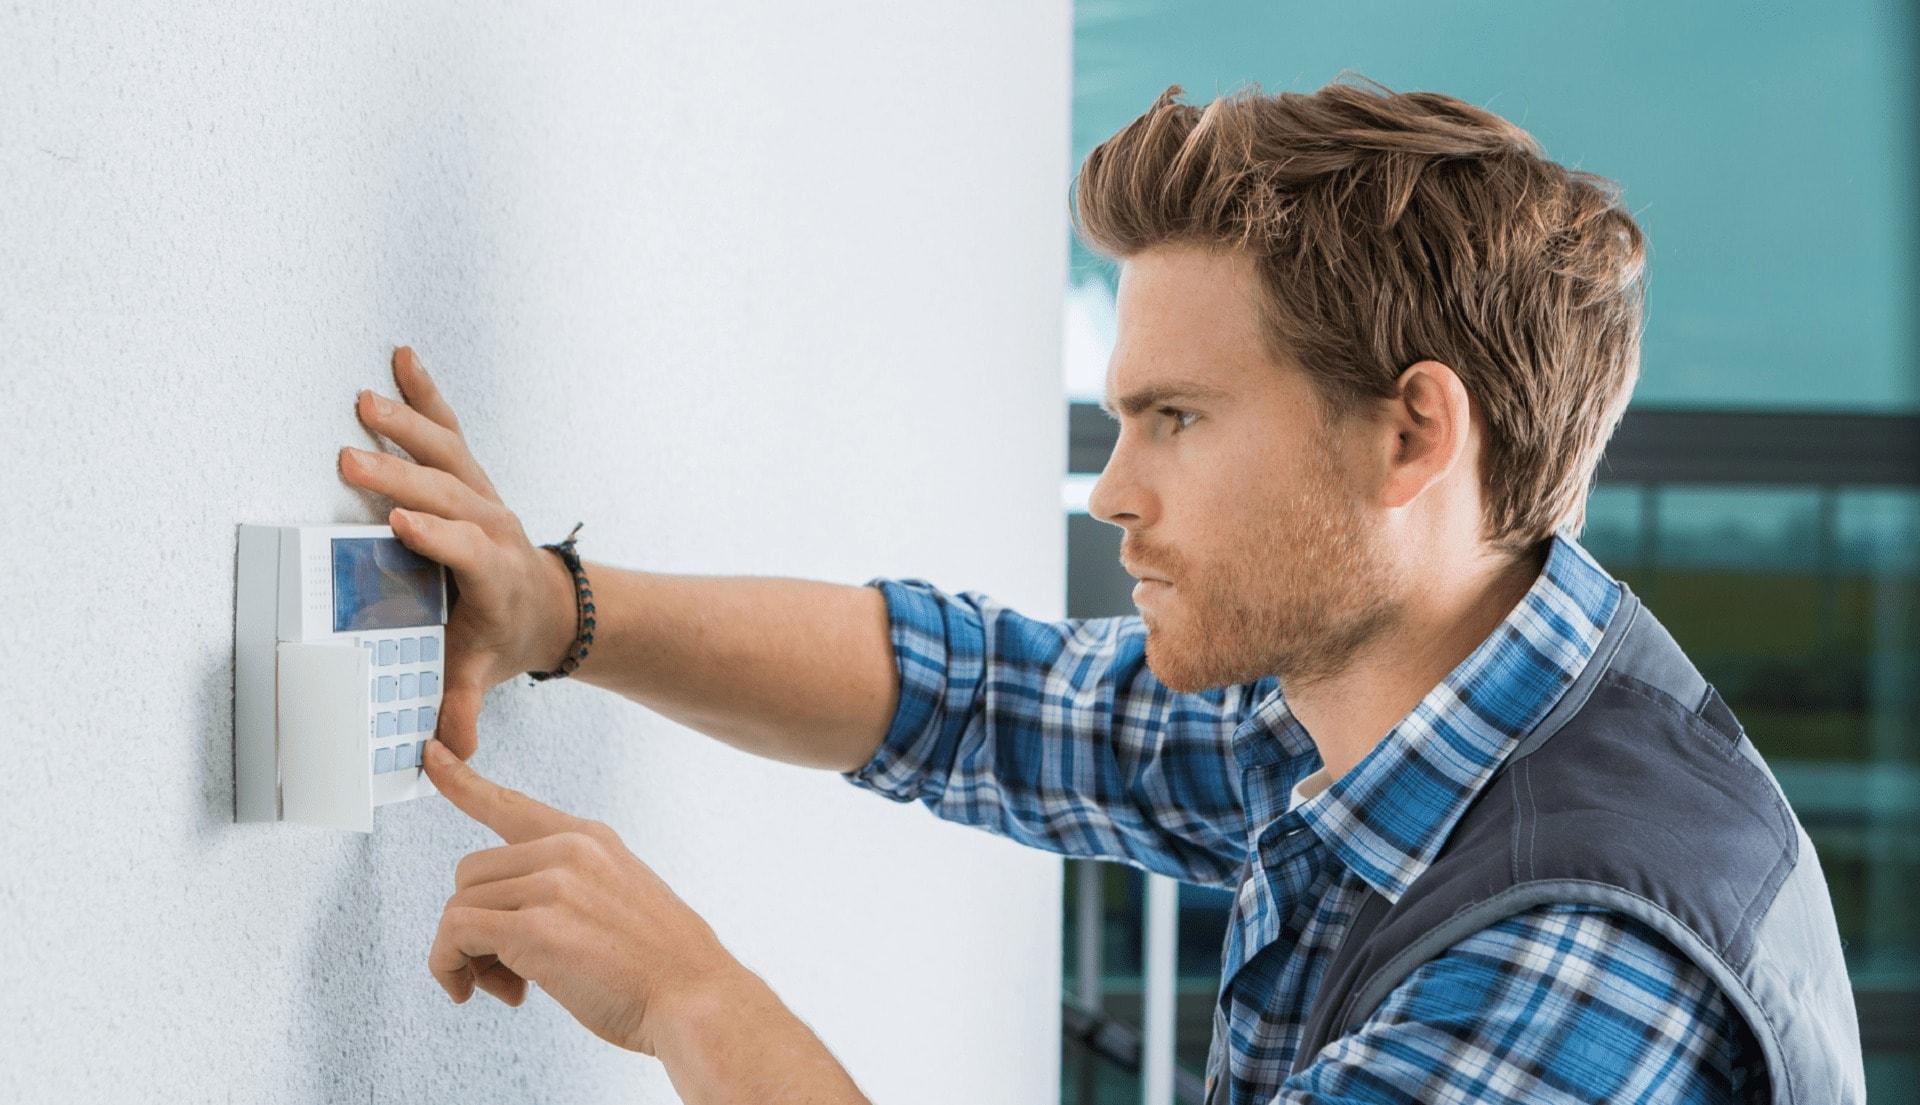 man fitting a burglar alarm